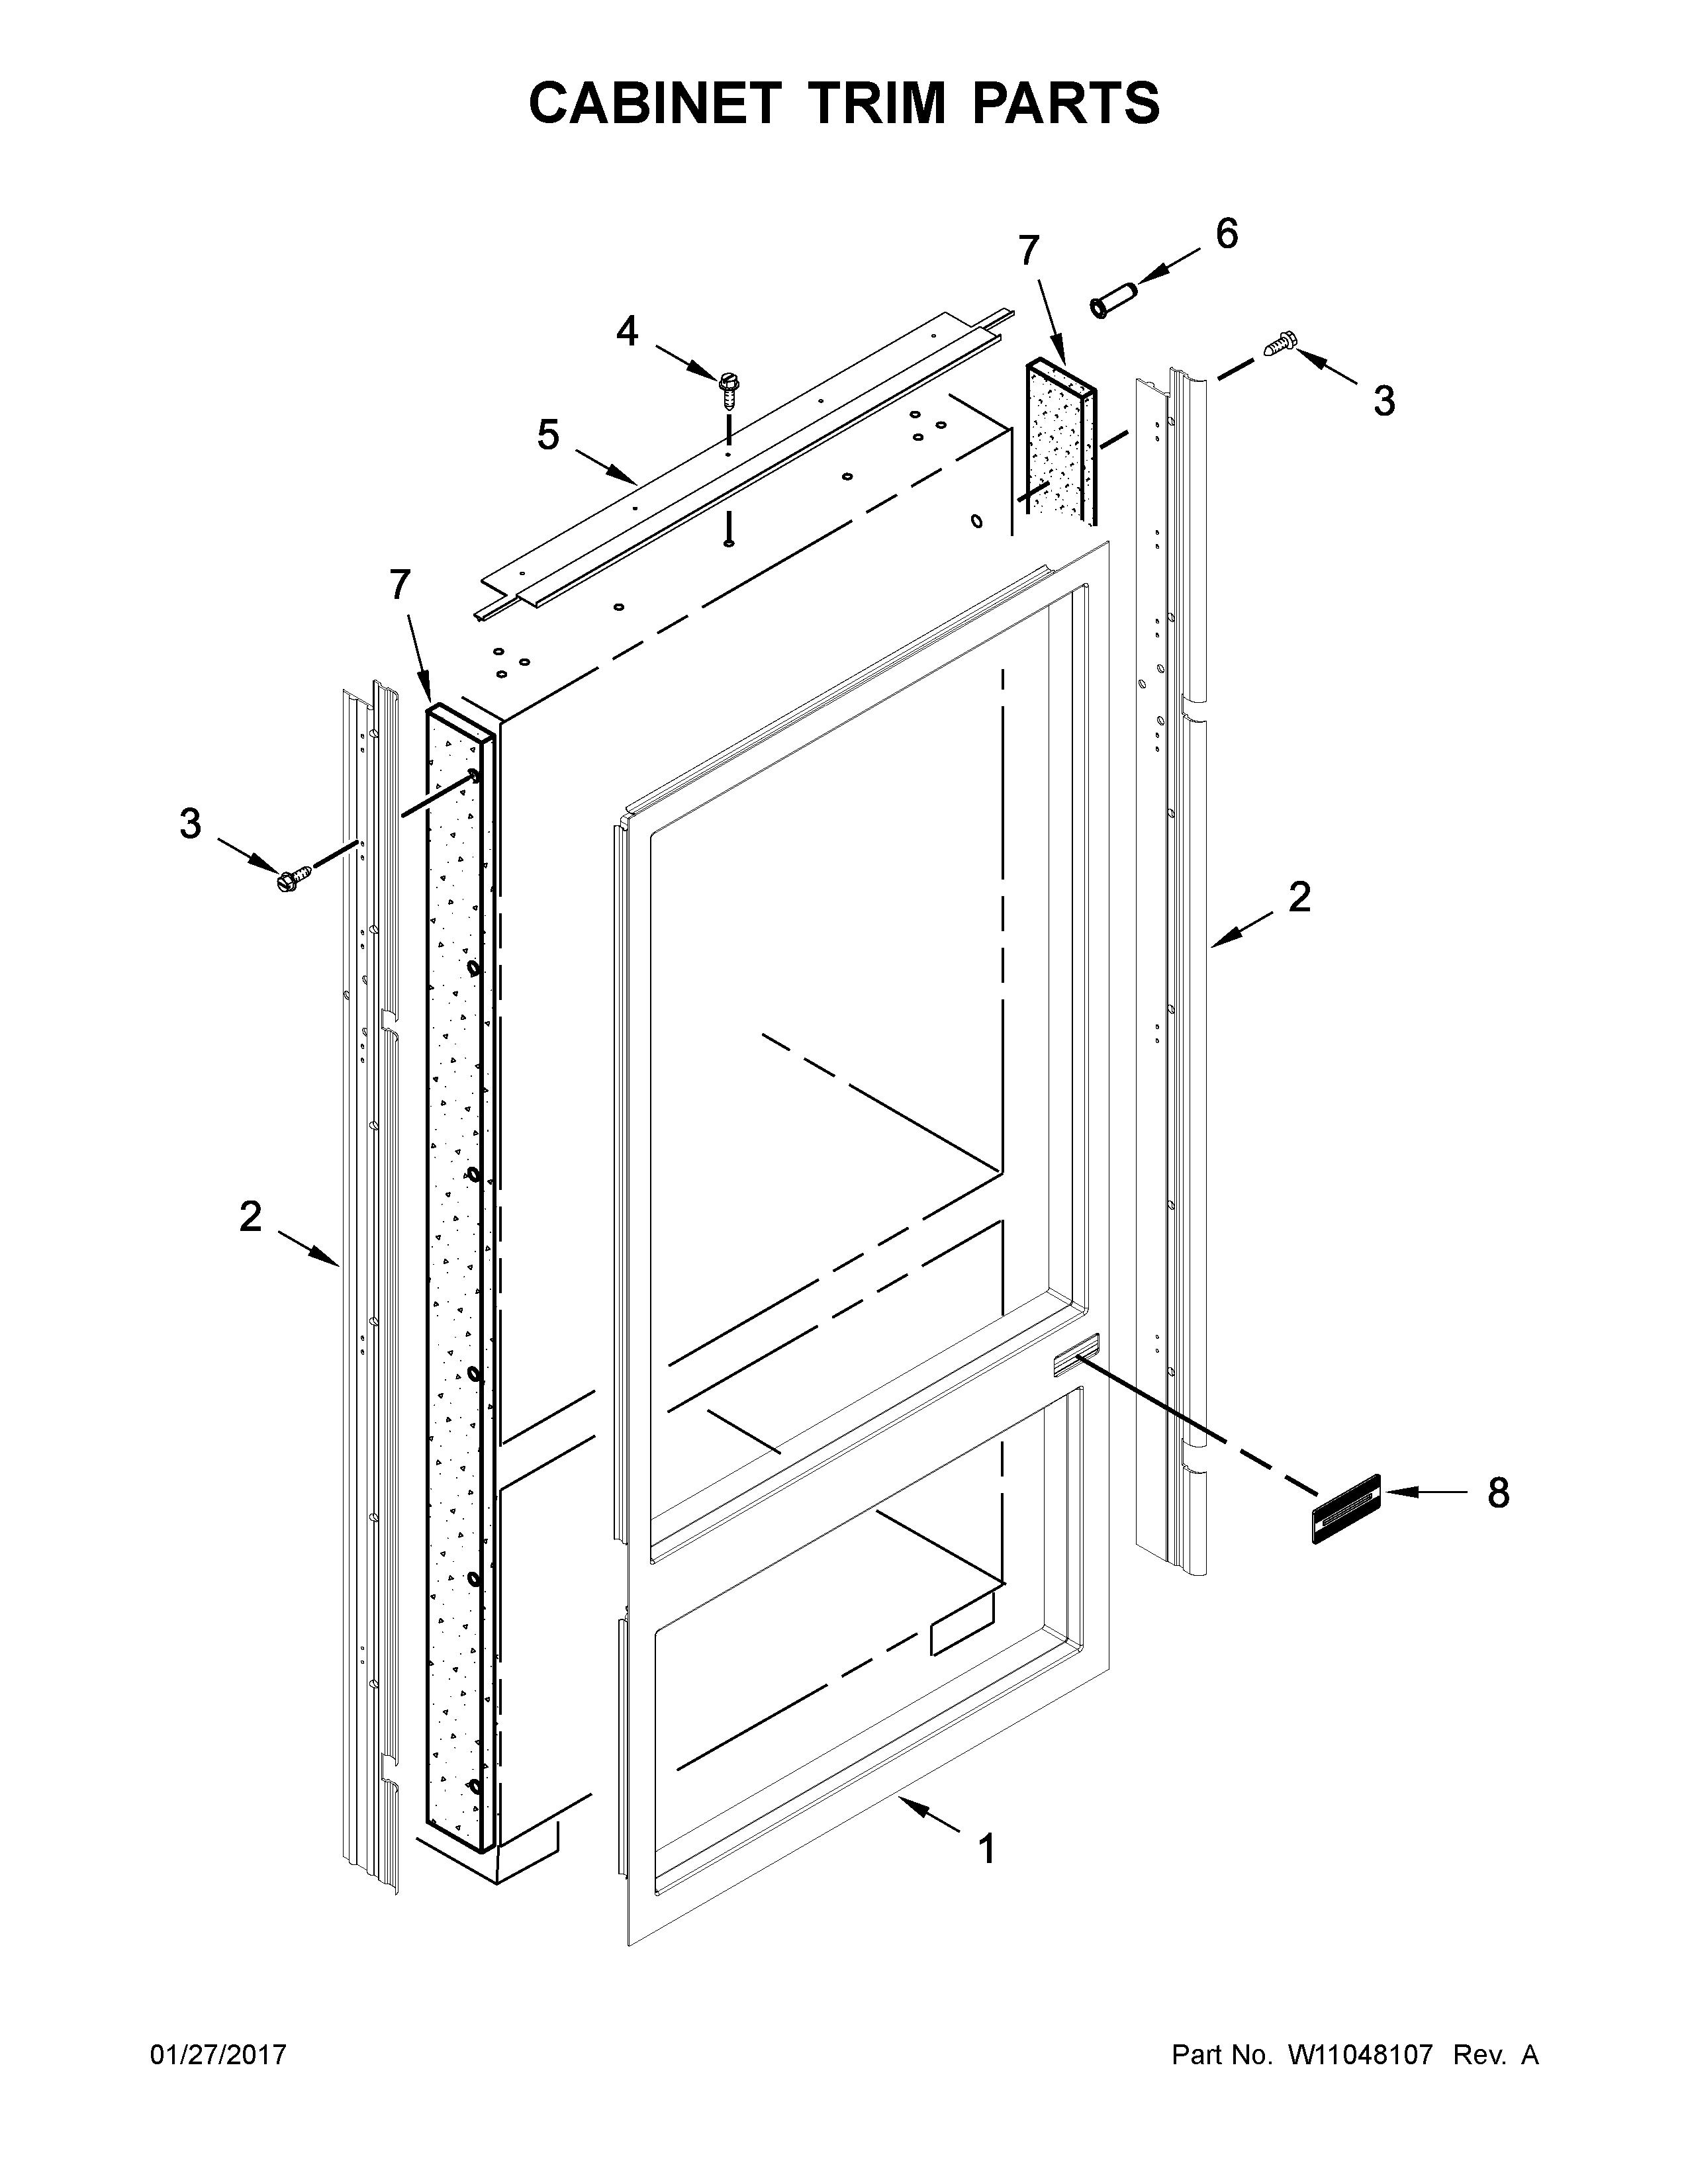 Kitchenaid  Refrigerator  Cabinet trim parts